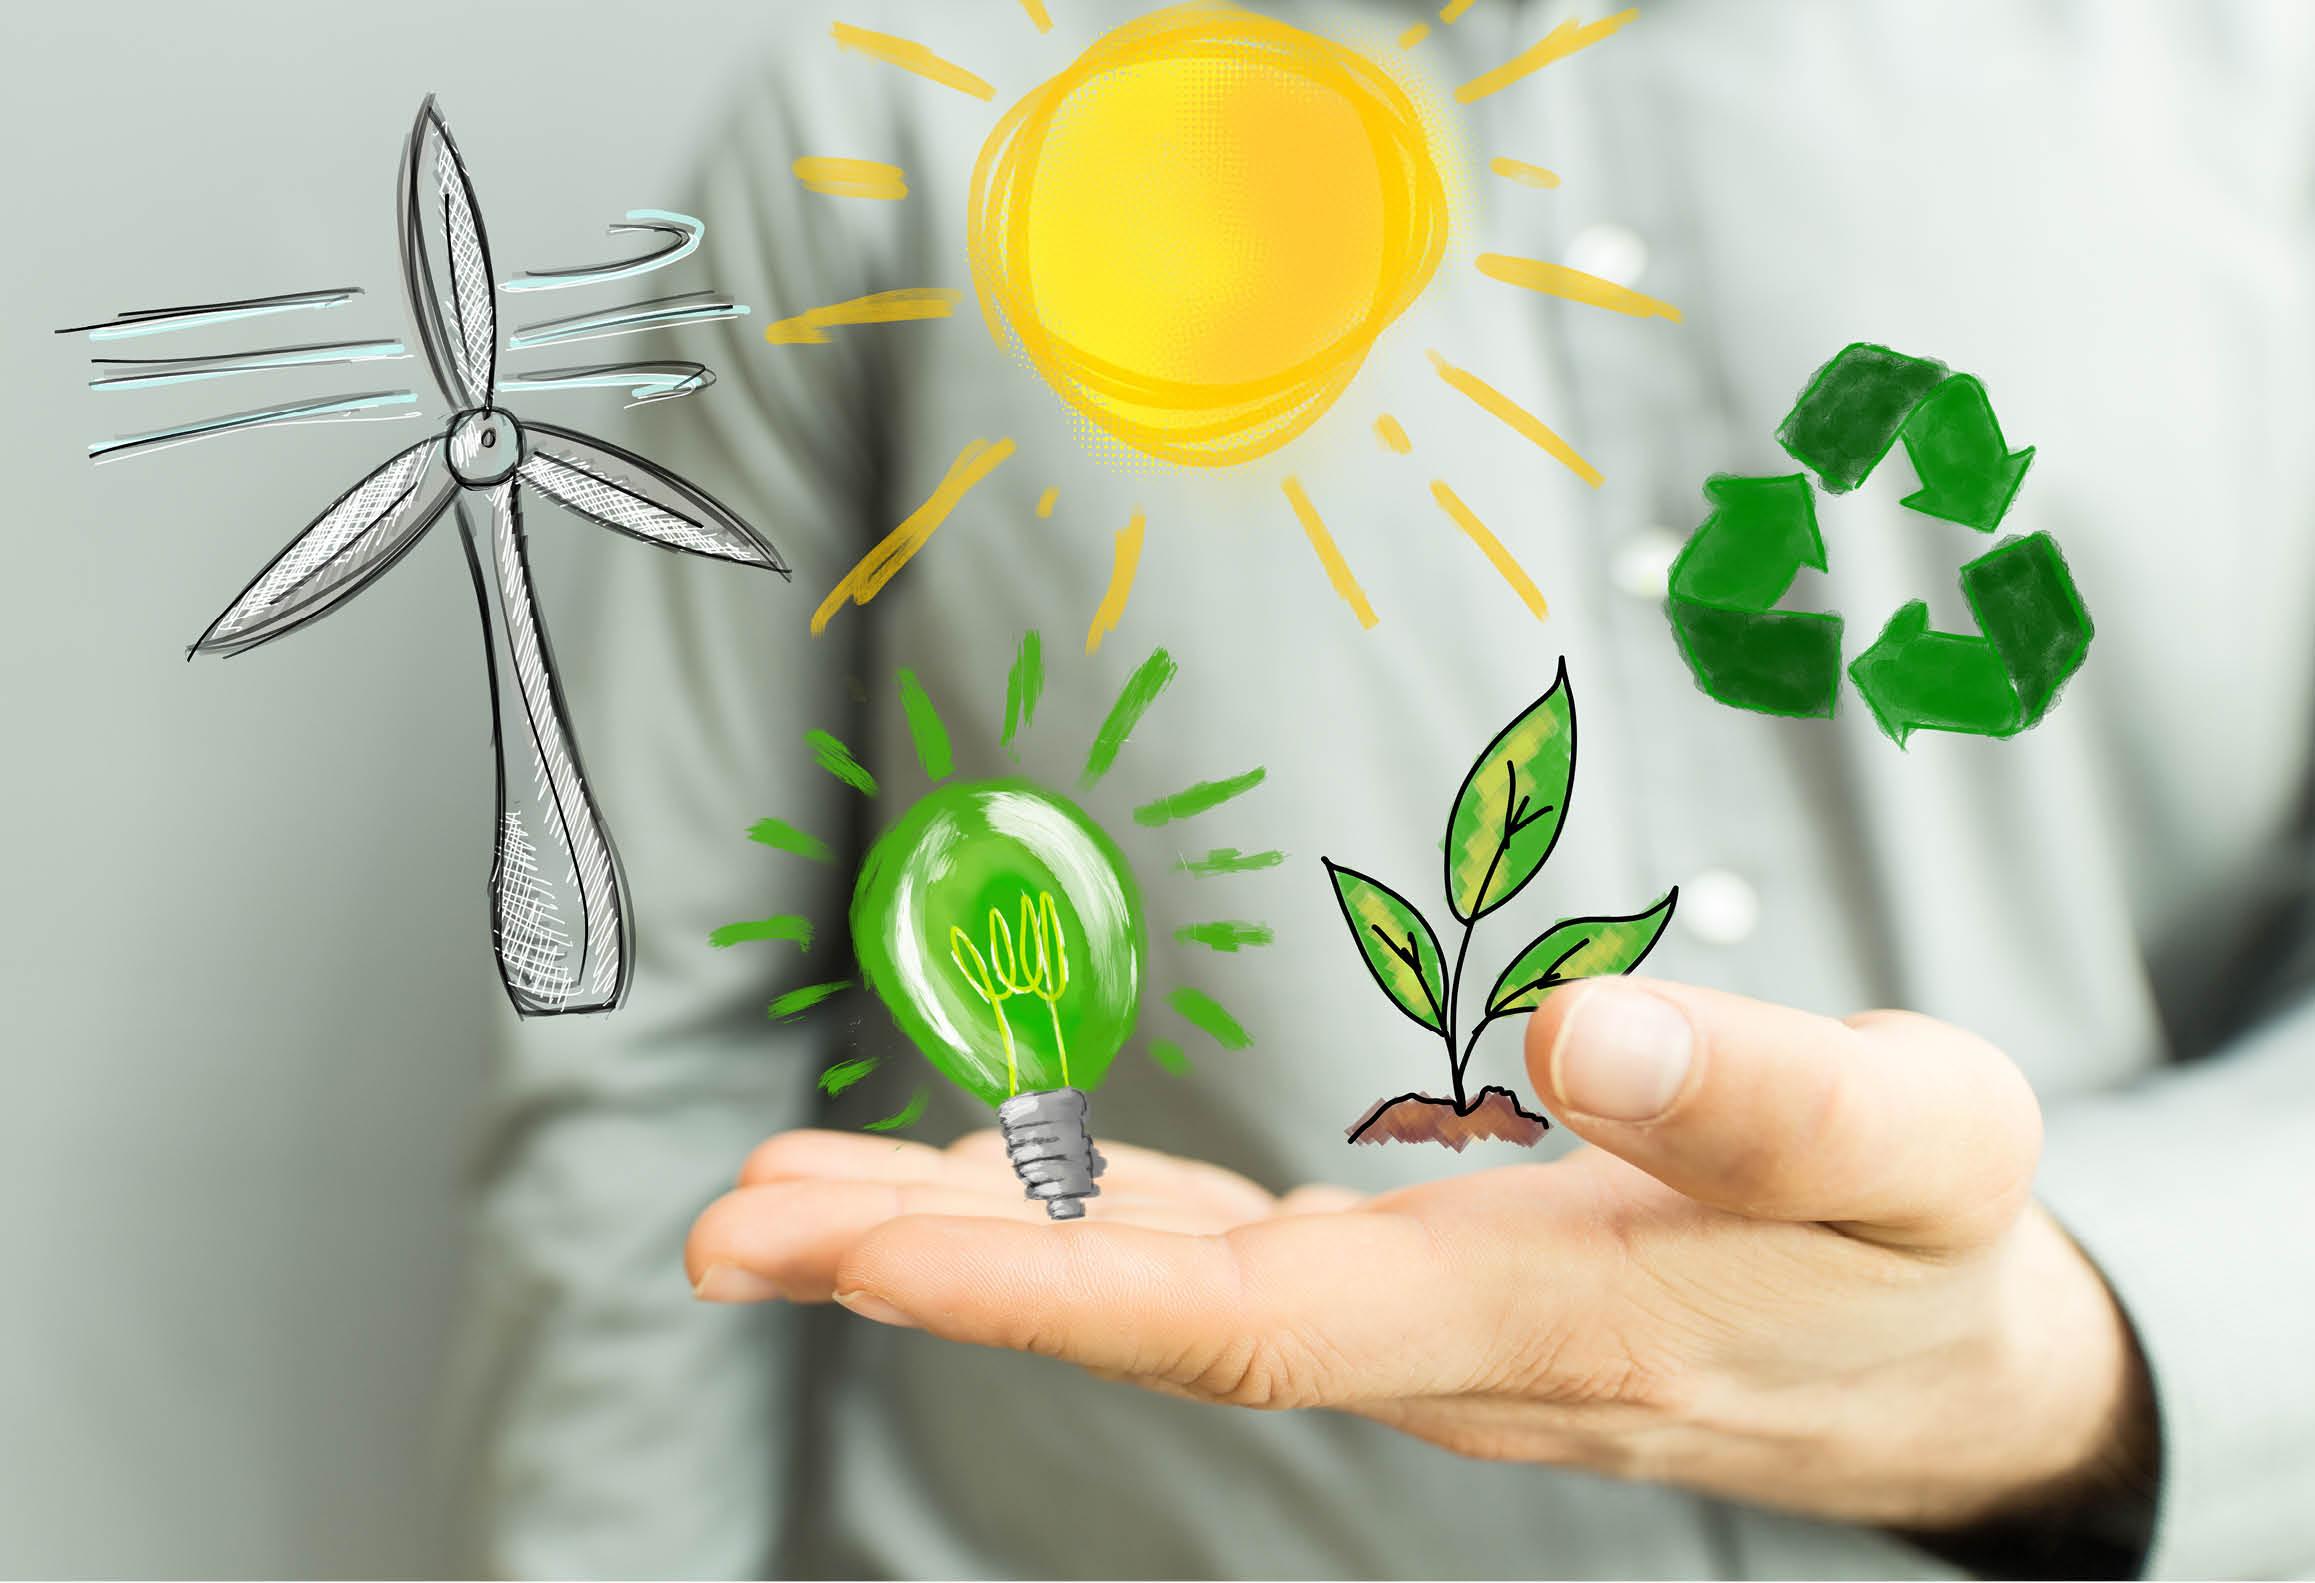 Bild som illustrerar hållbar energi och naturens kretslopp